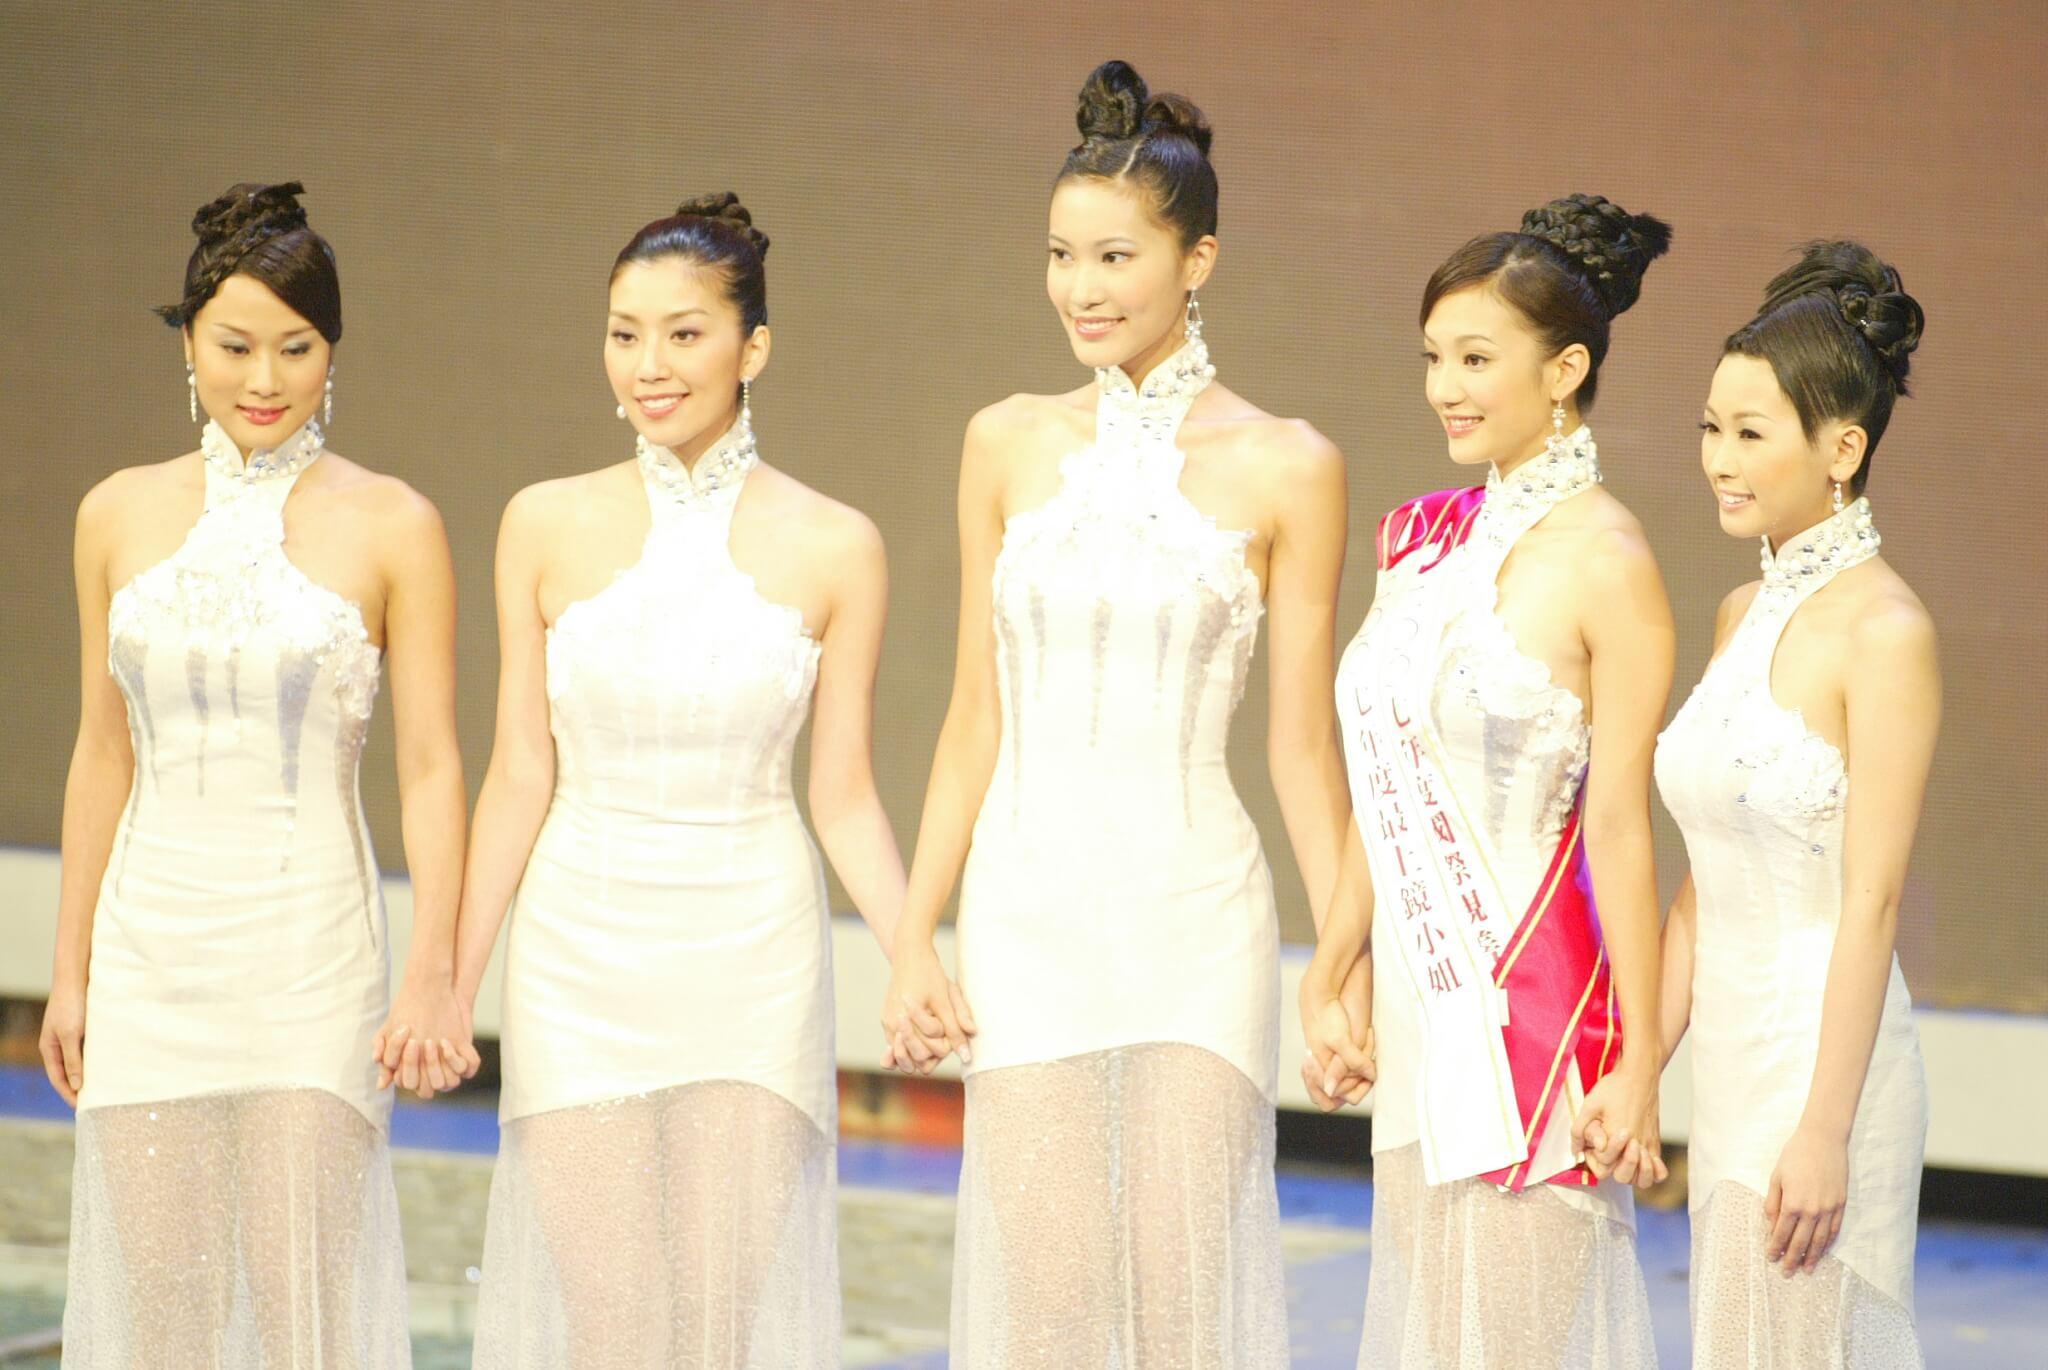 Candice與張嘉兒、王君馨、周美欣和黃智雯打入最後五強